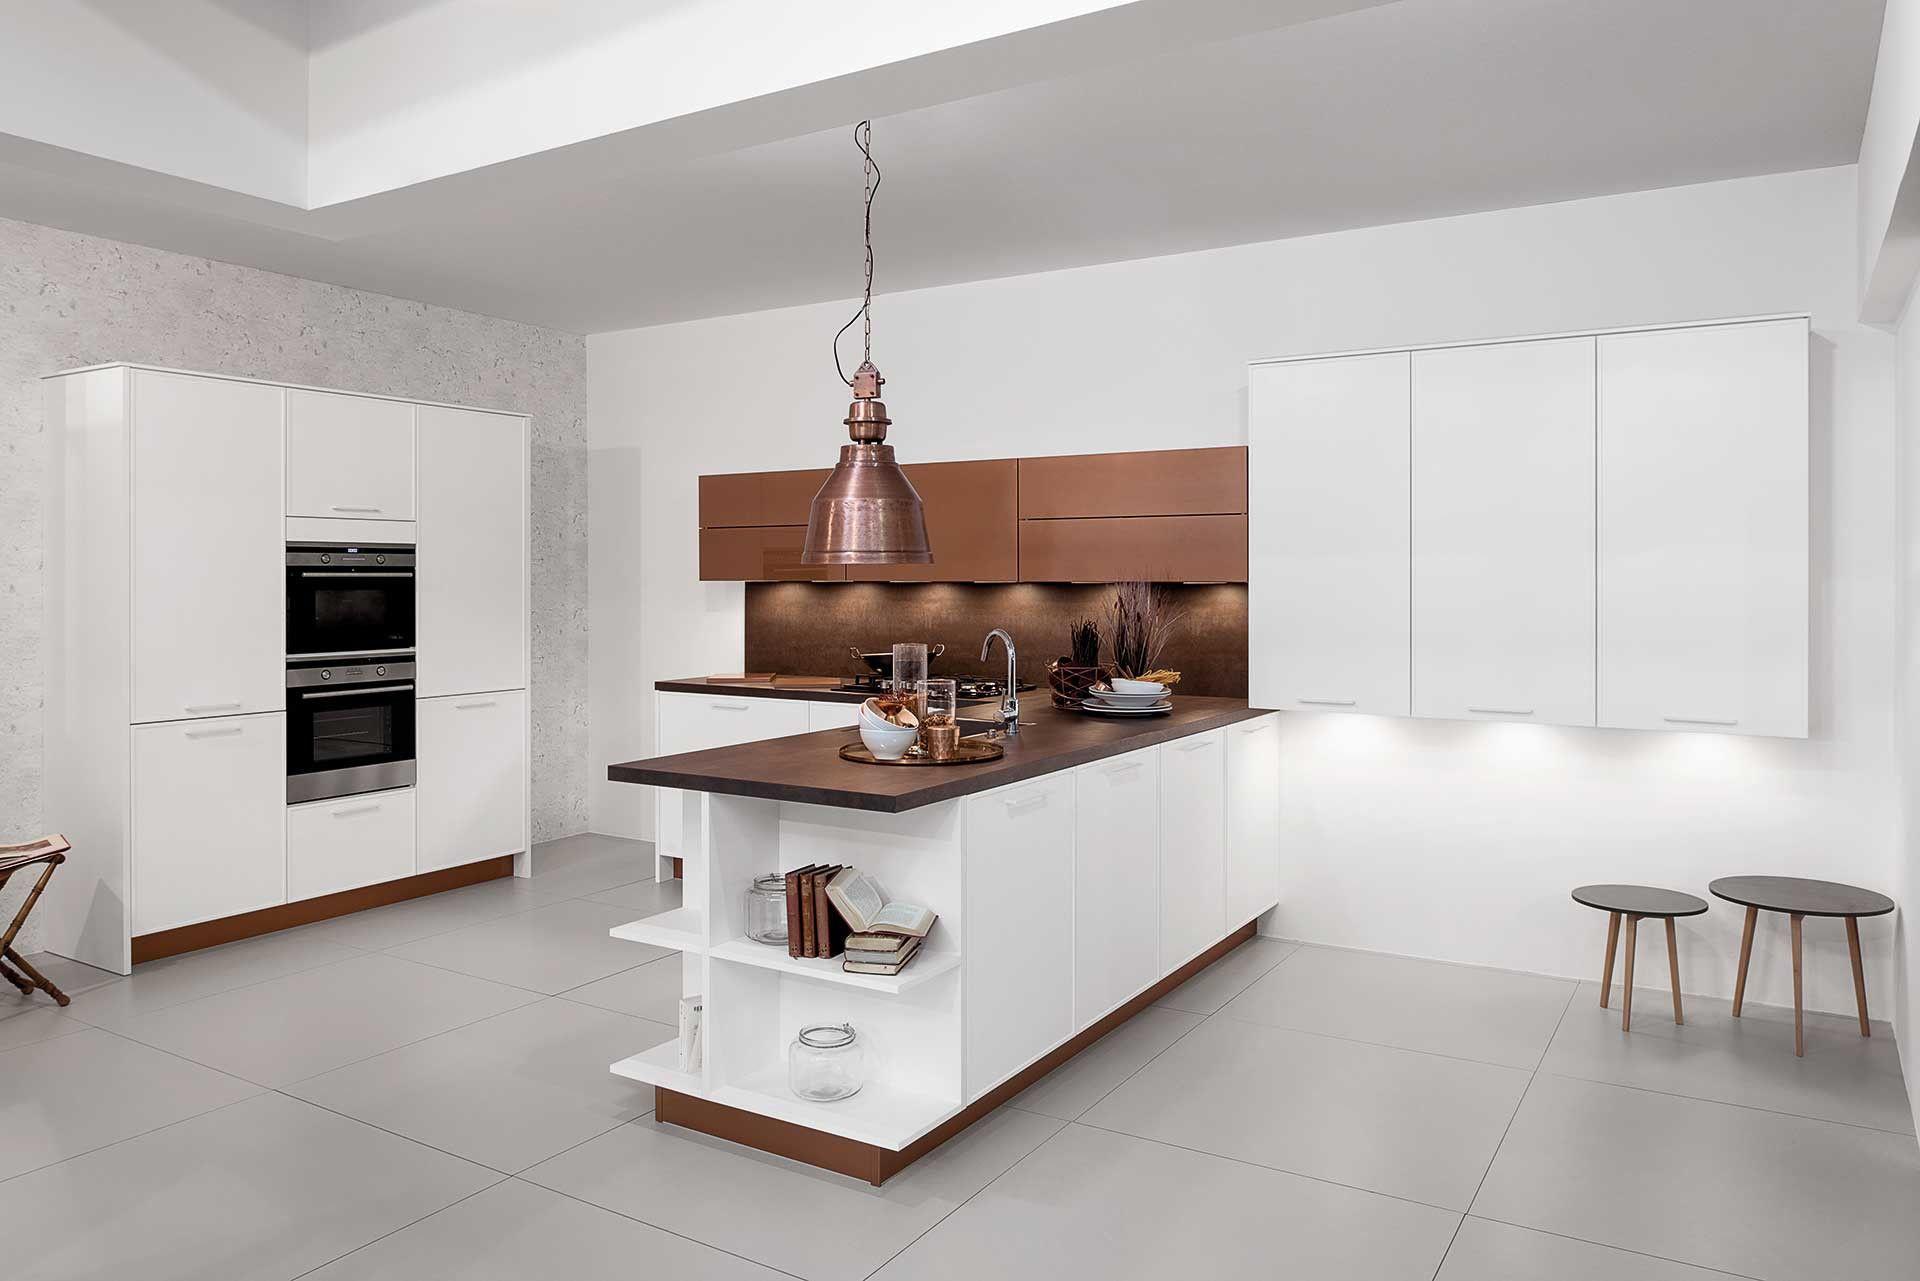 Moderne Witte Keukens : Witte keuken met bronzen accenten. deze moderne witte keuken krijgt